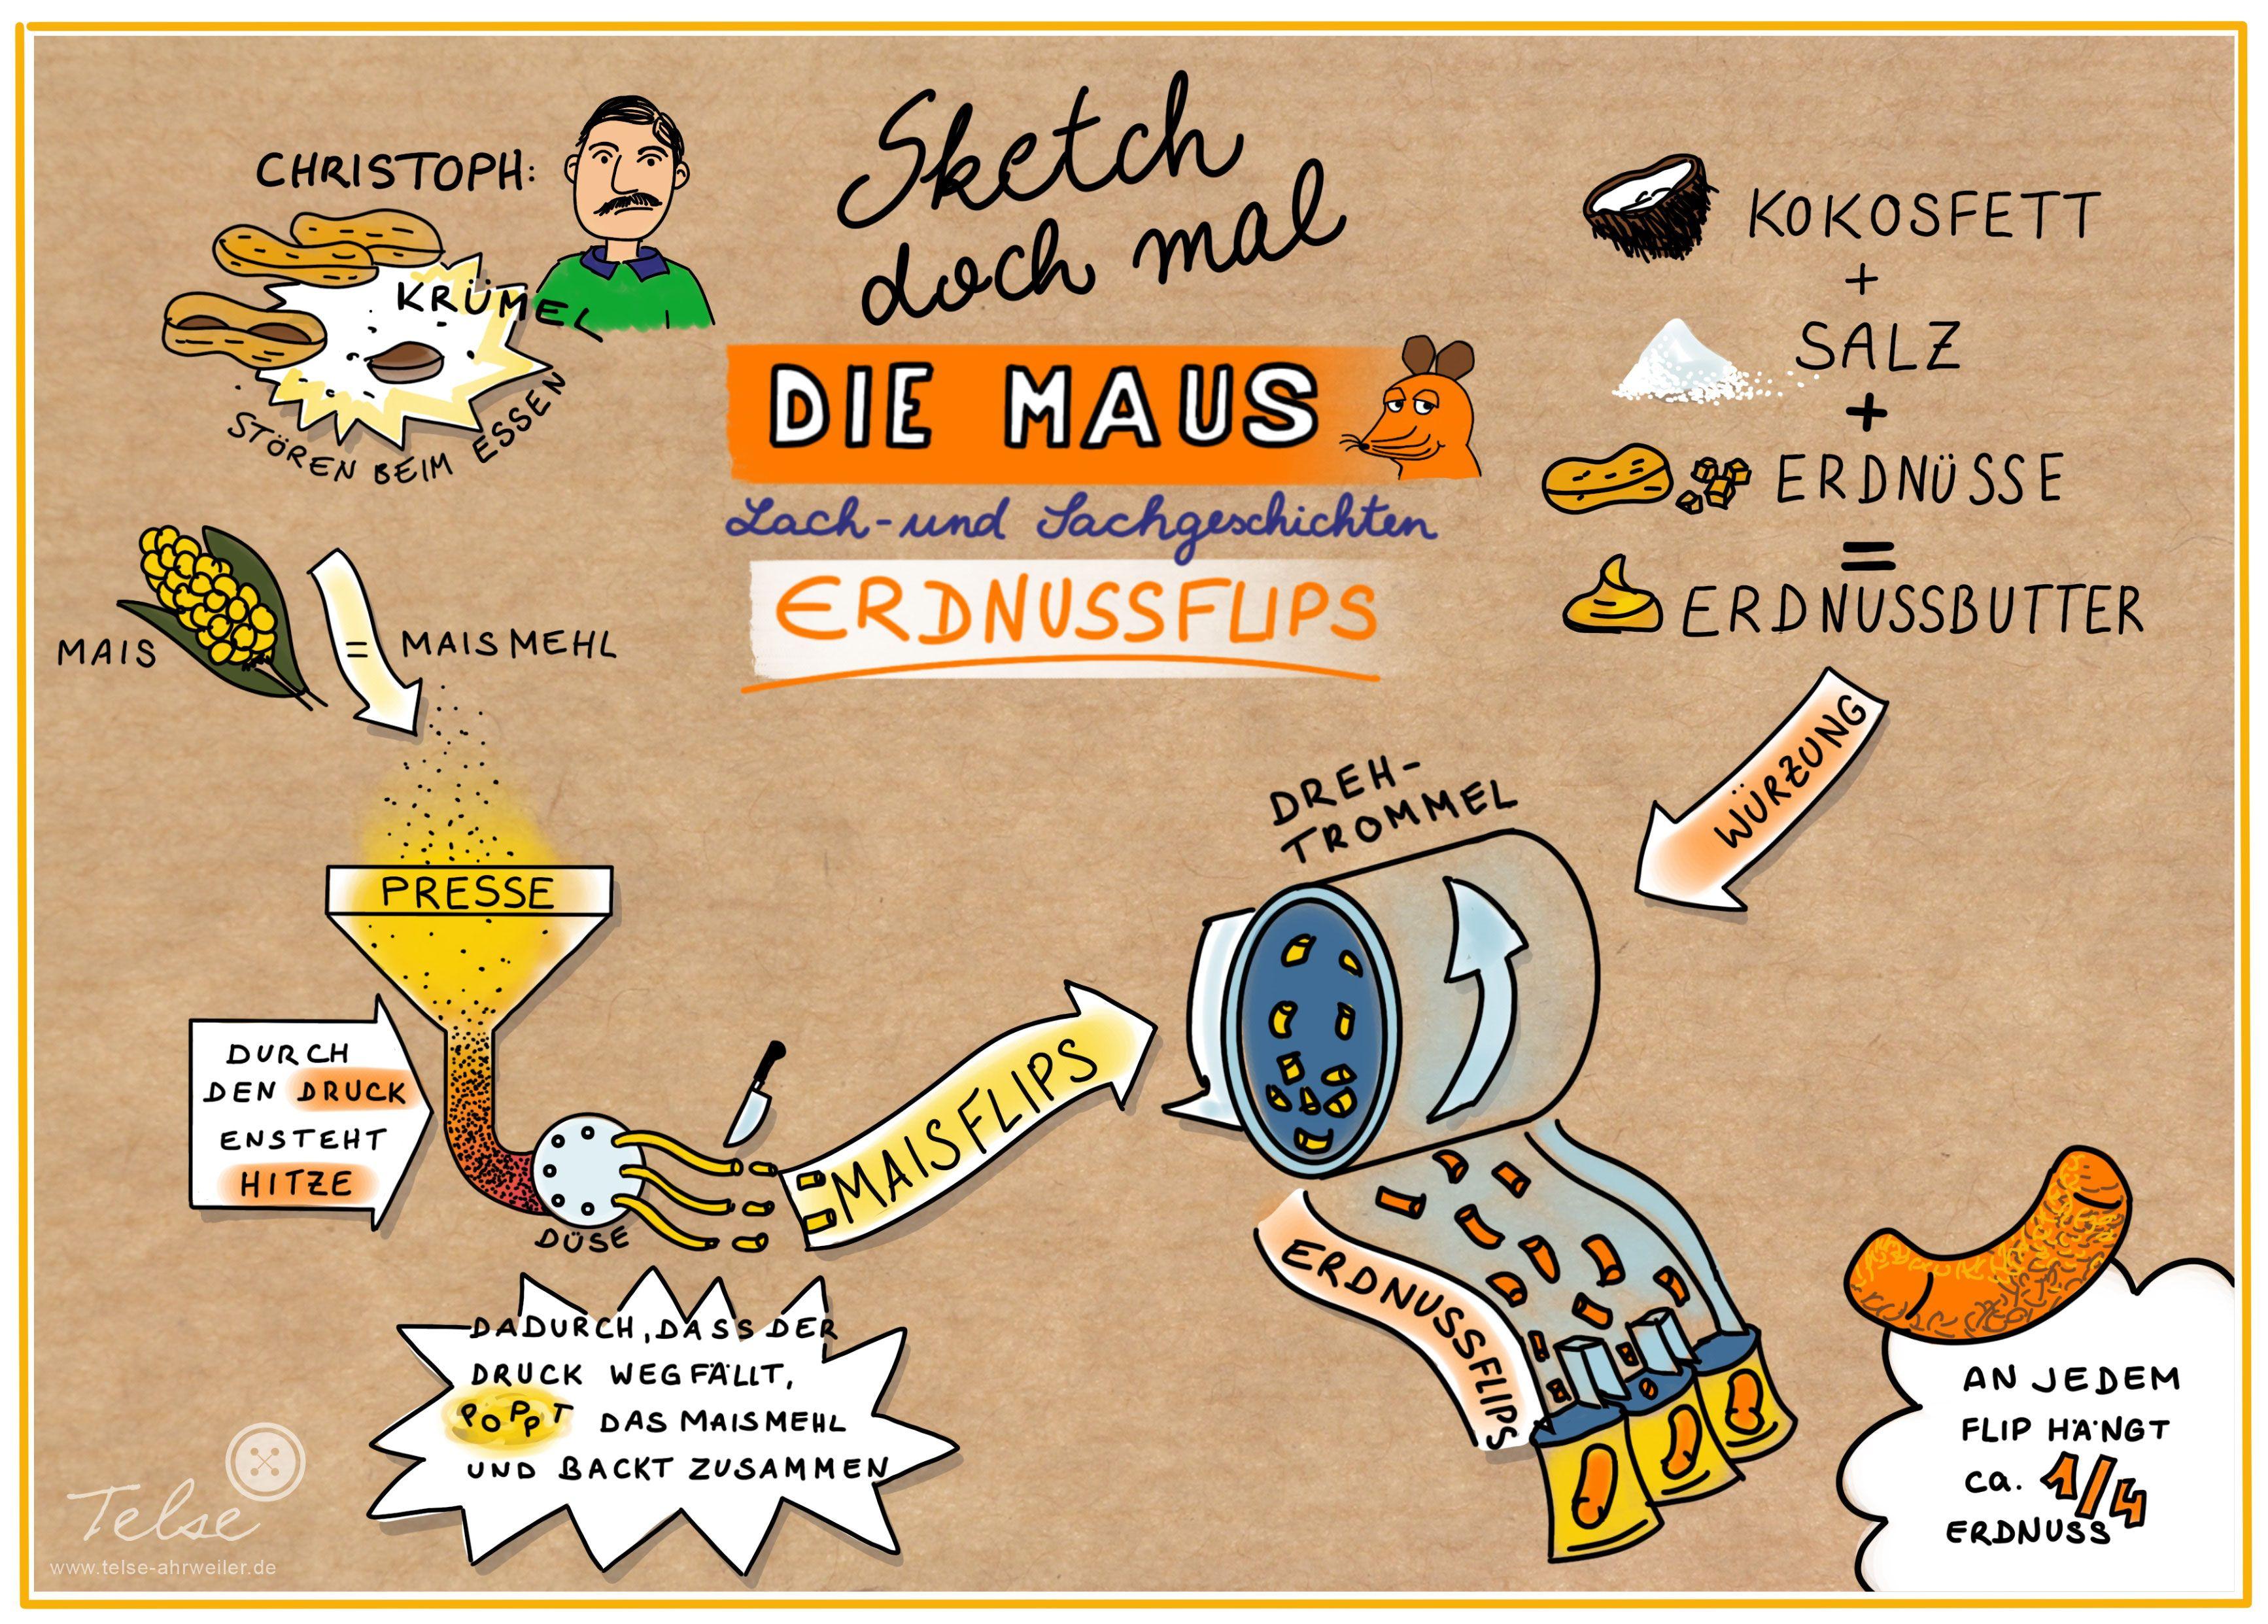 Meine Sketchnotes Visualisieren Mit Text Bild Kombinationen Inhalte Und Machen Sie Transportierbar Und Besser Merkfahig Sketch Note Lernen Malen Lernen